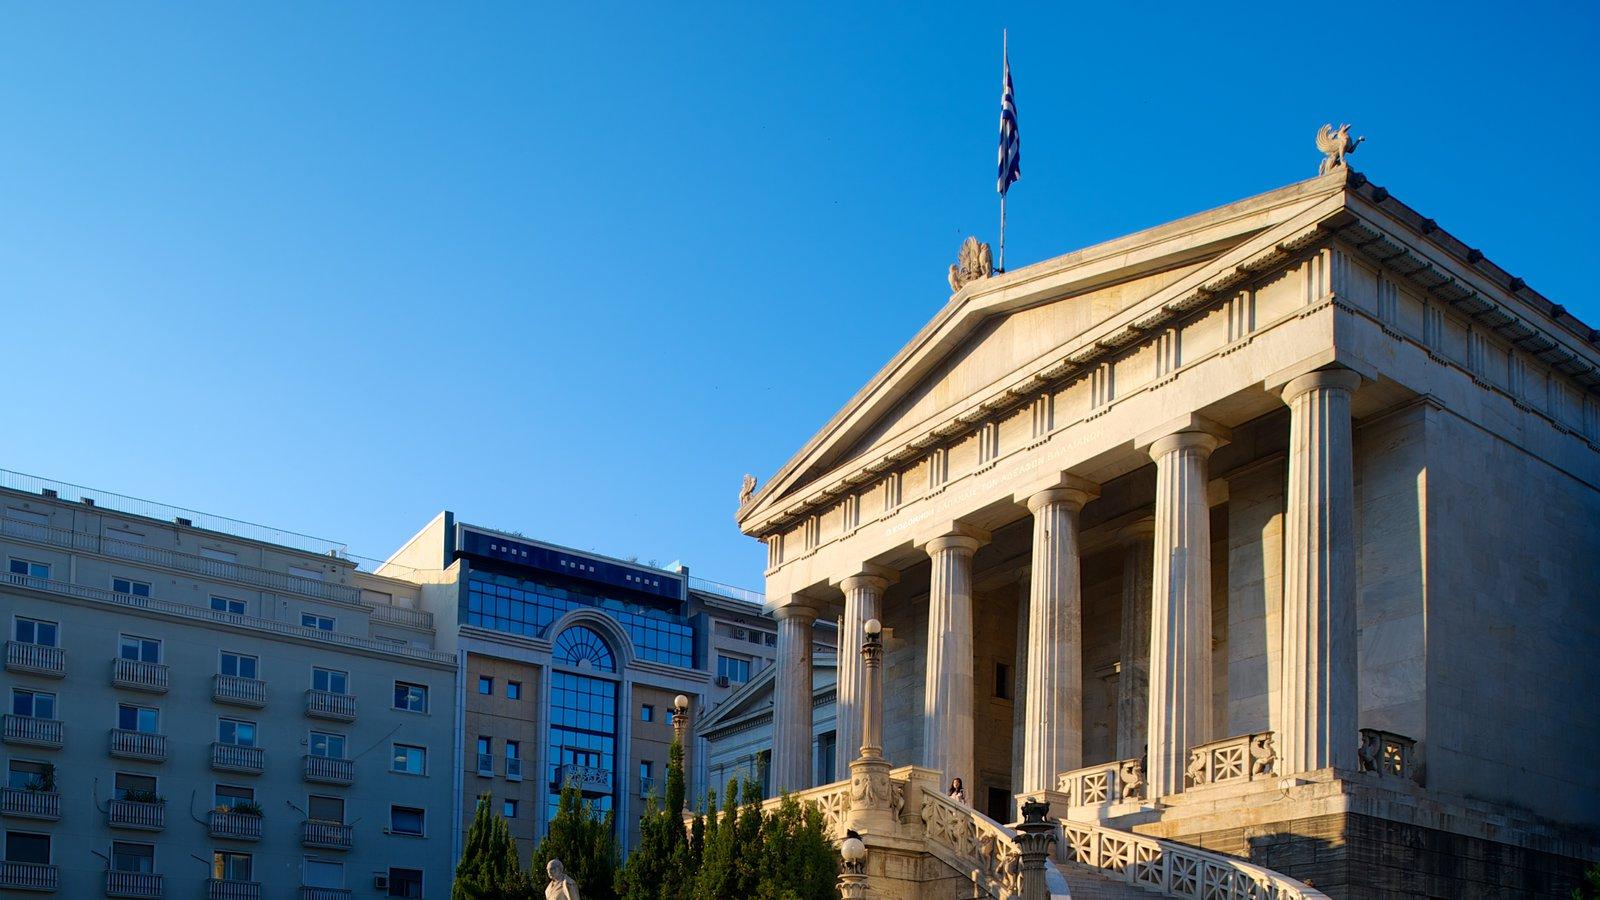 Biblioteca Nacional da Grécia caracterizando uma cidade, um edifício administrativo e arquitetura de patrimônio